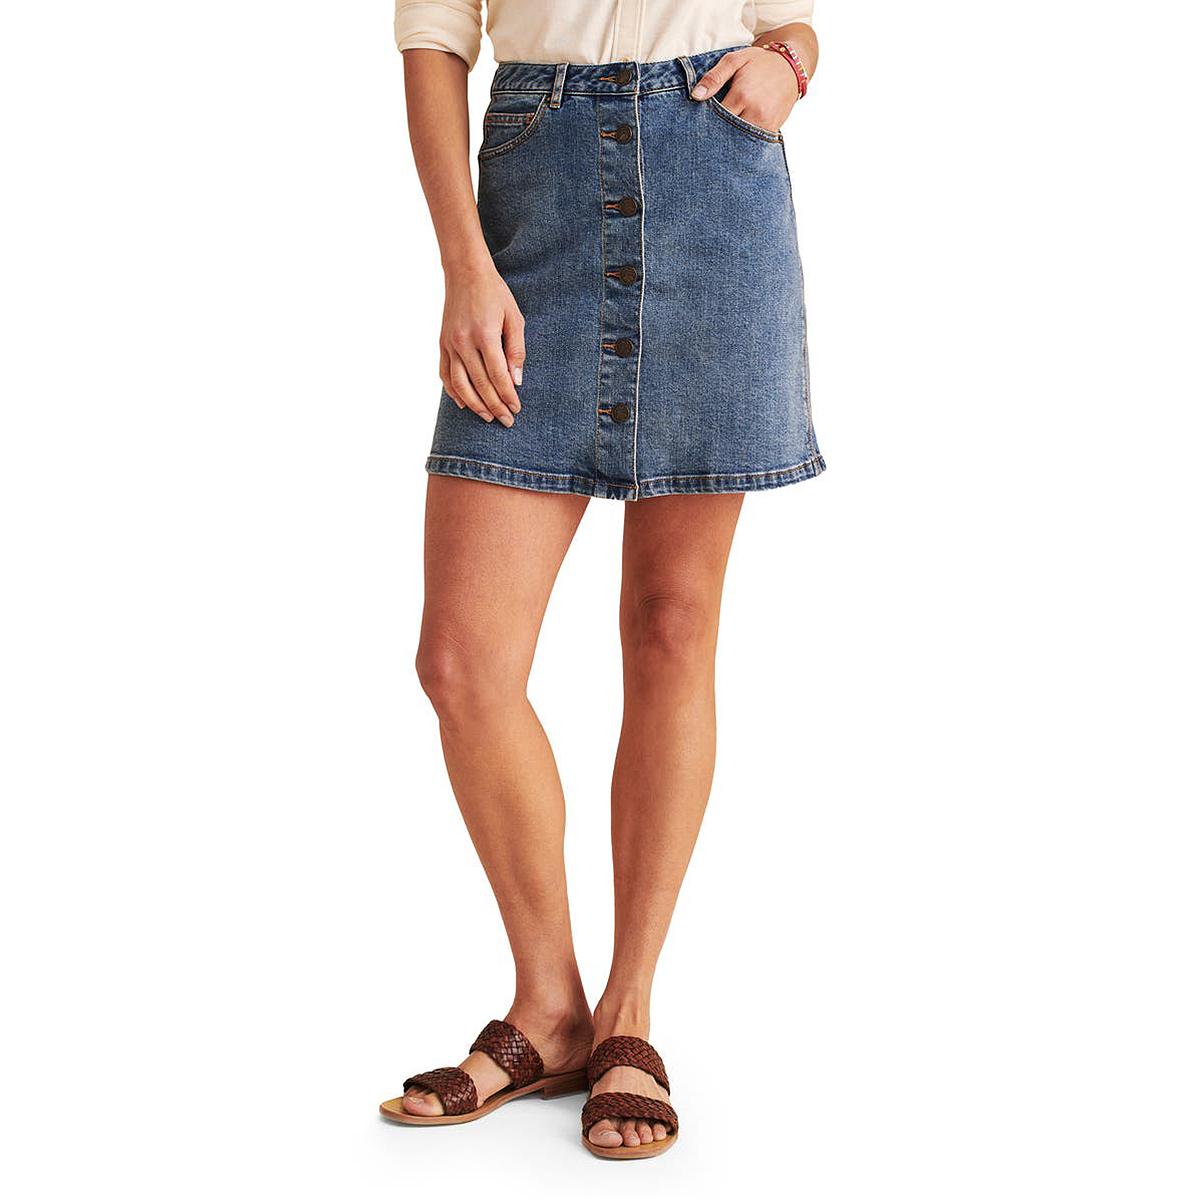 nordstrom-sale-denim-mini-skirt